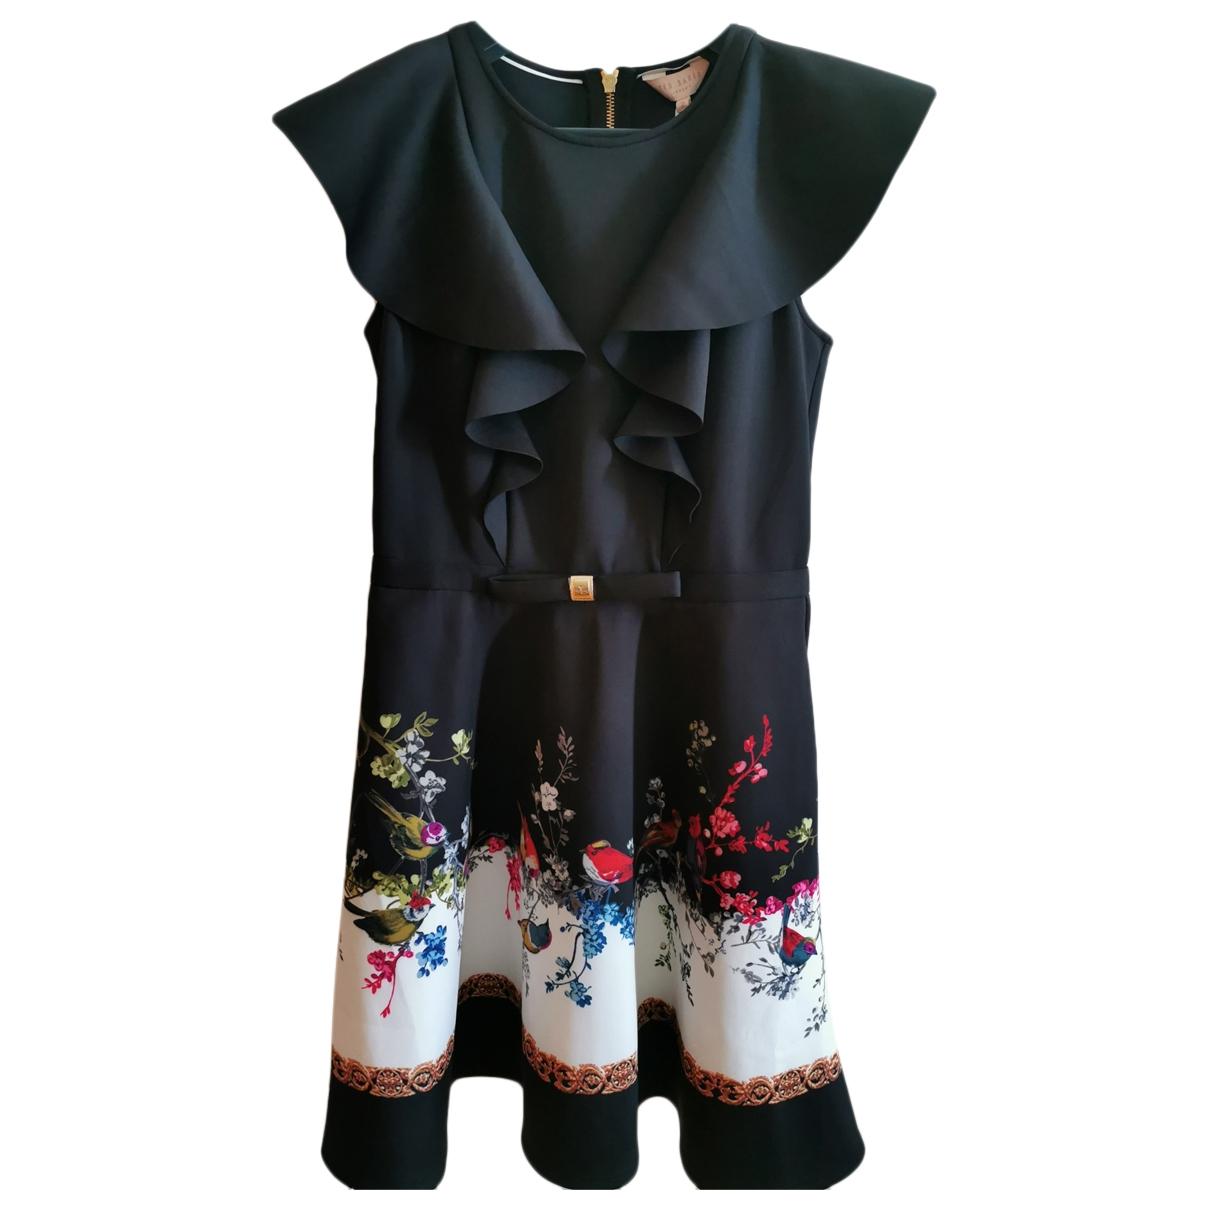 Ted Baker \N Black dress for Women 2 0-5